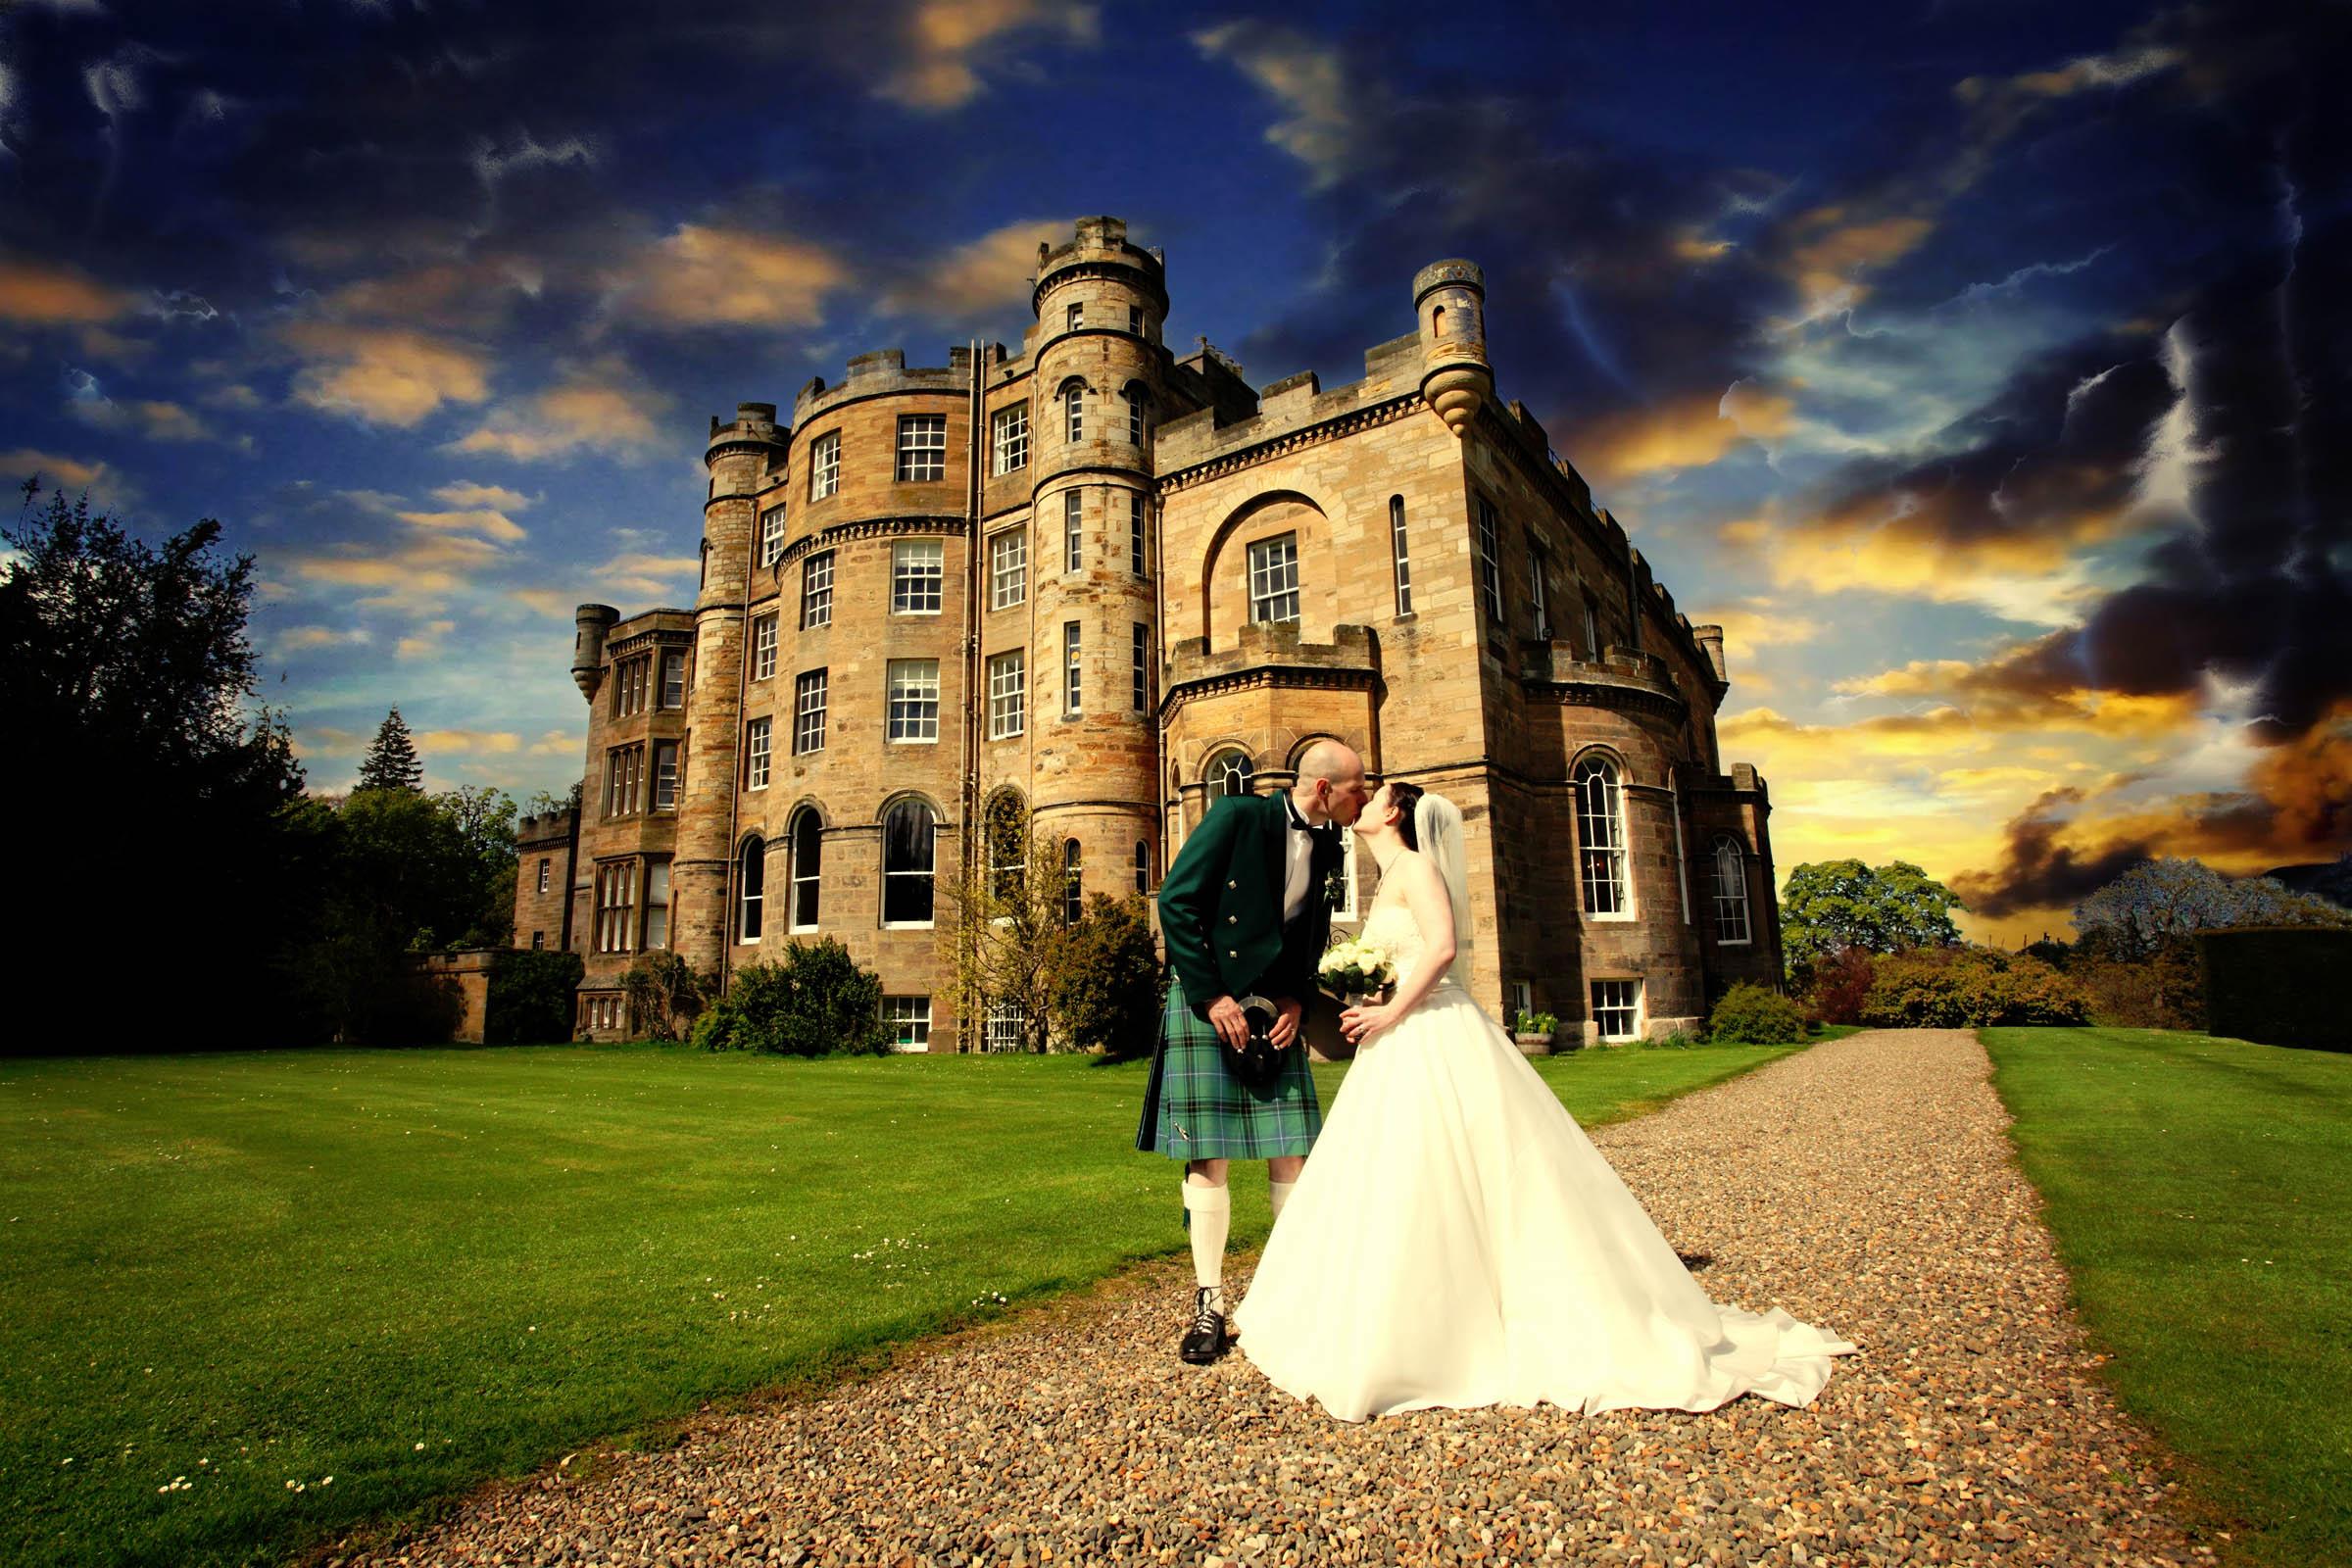 OxenfoordCastle_Wedding_Edinburgh_Photographer_banner03.jpg